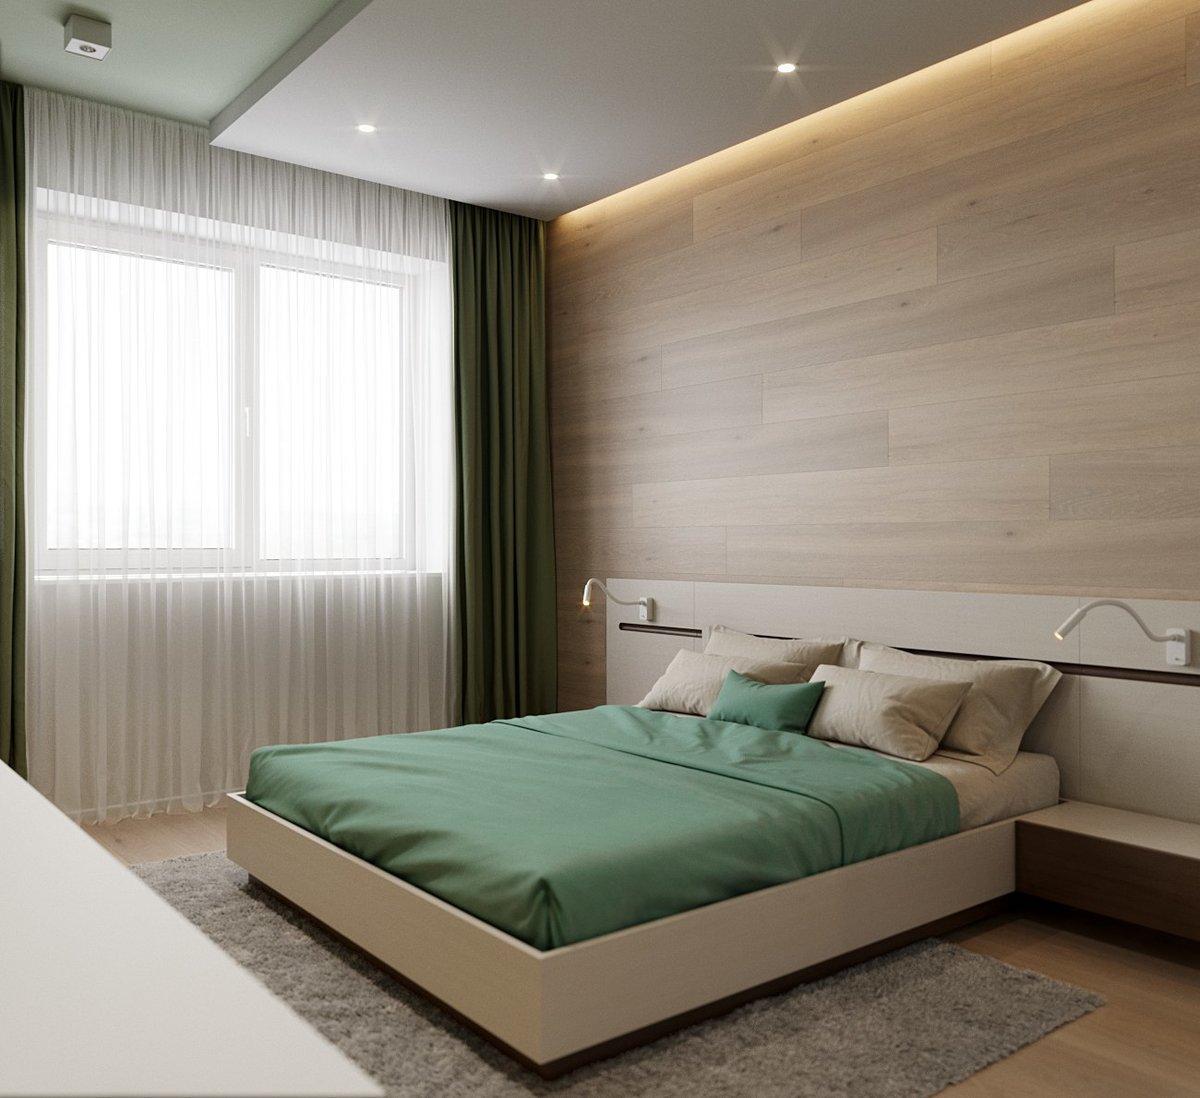 первый дизайн спальни в зеленых коричнево белых тонах фото ноутбуке встроенная